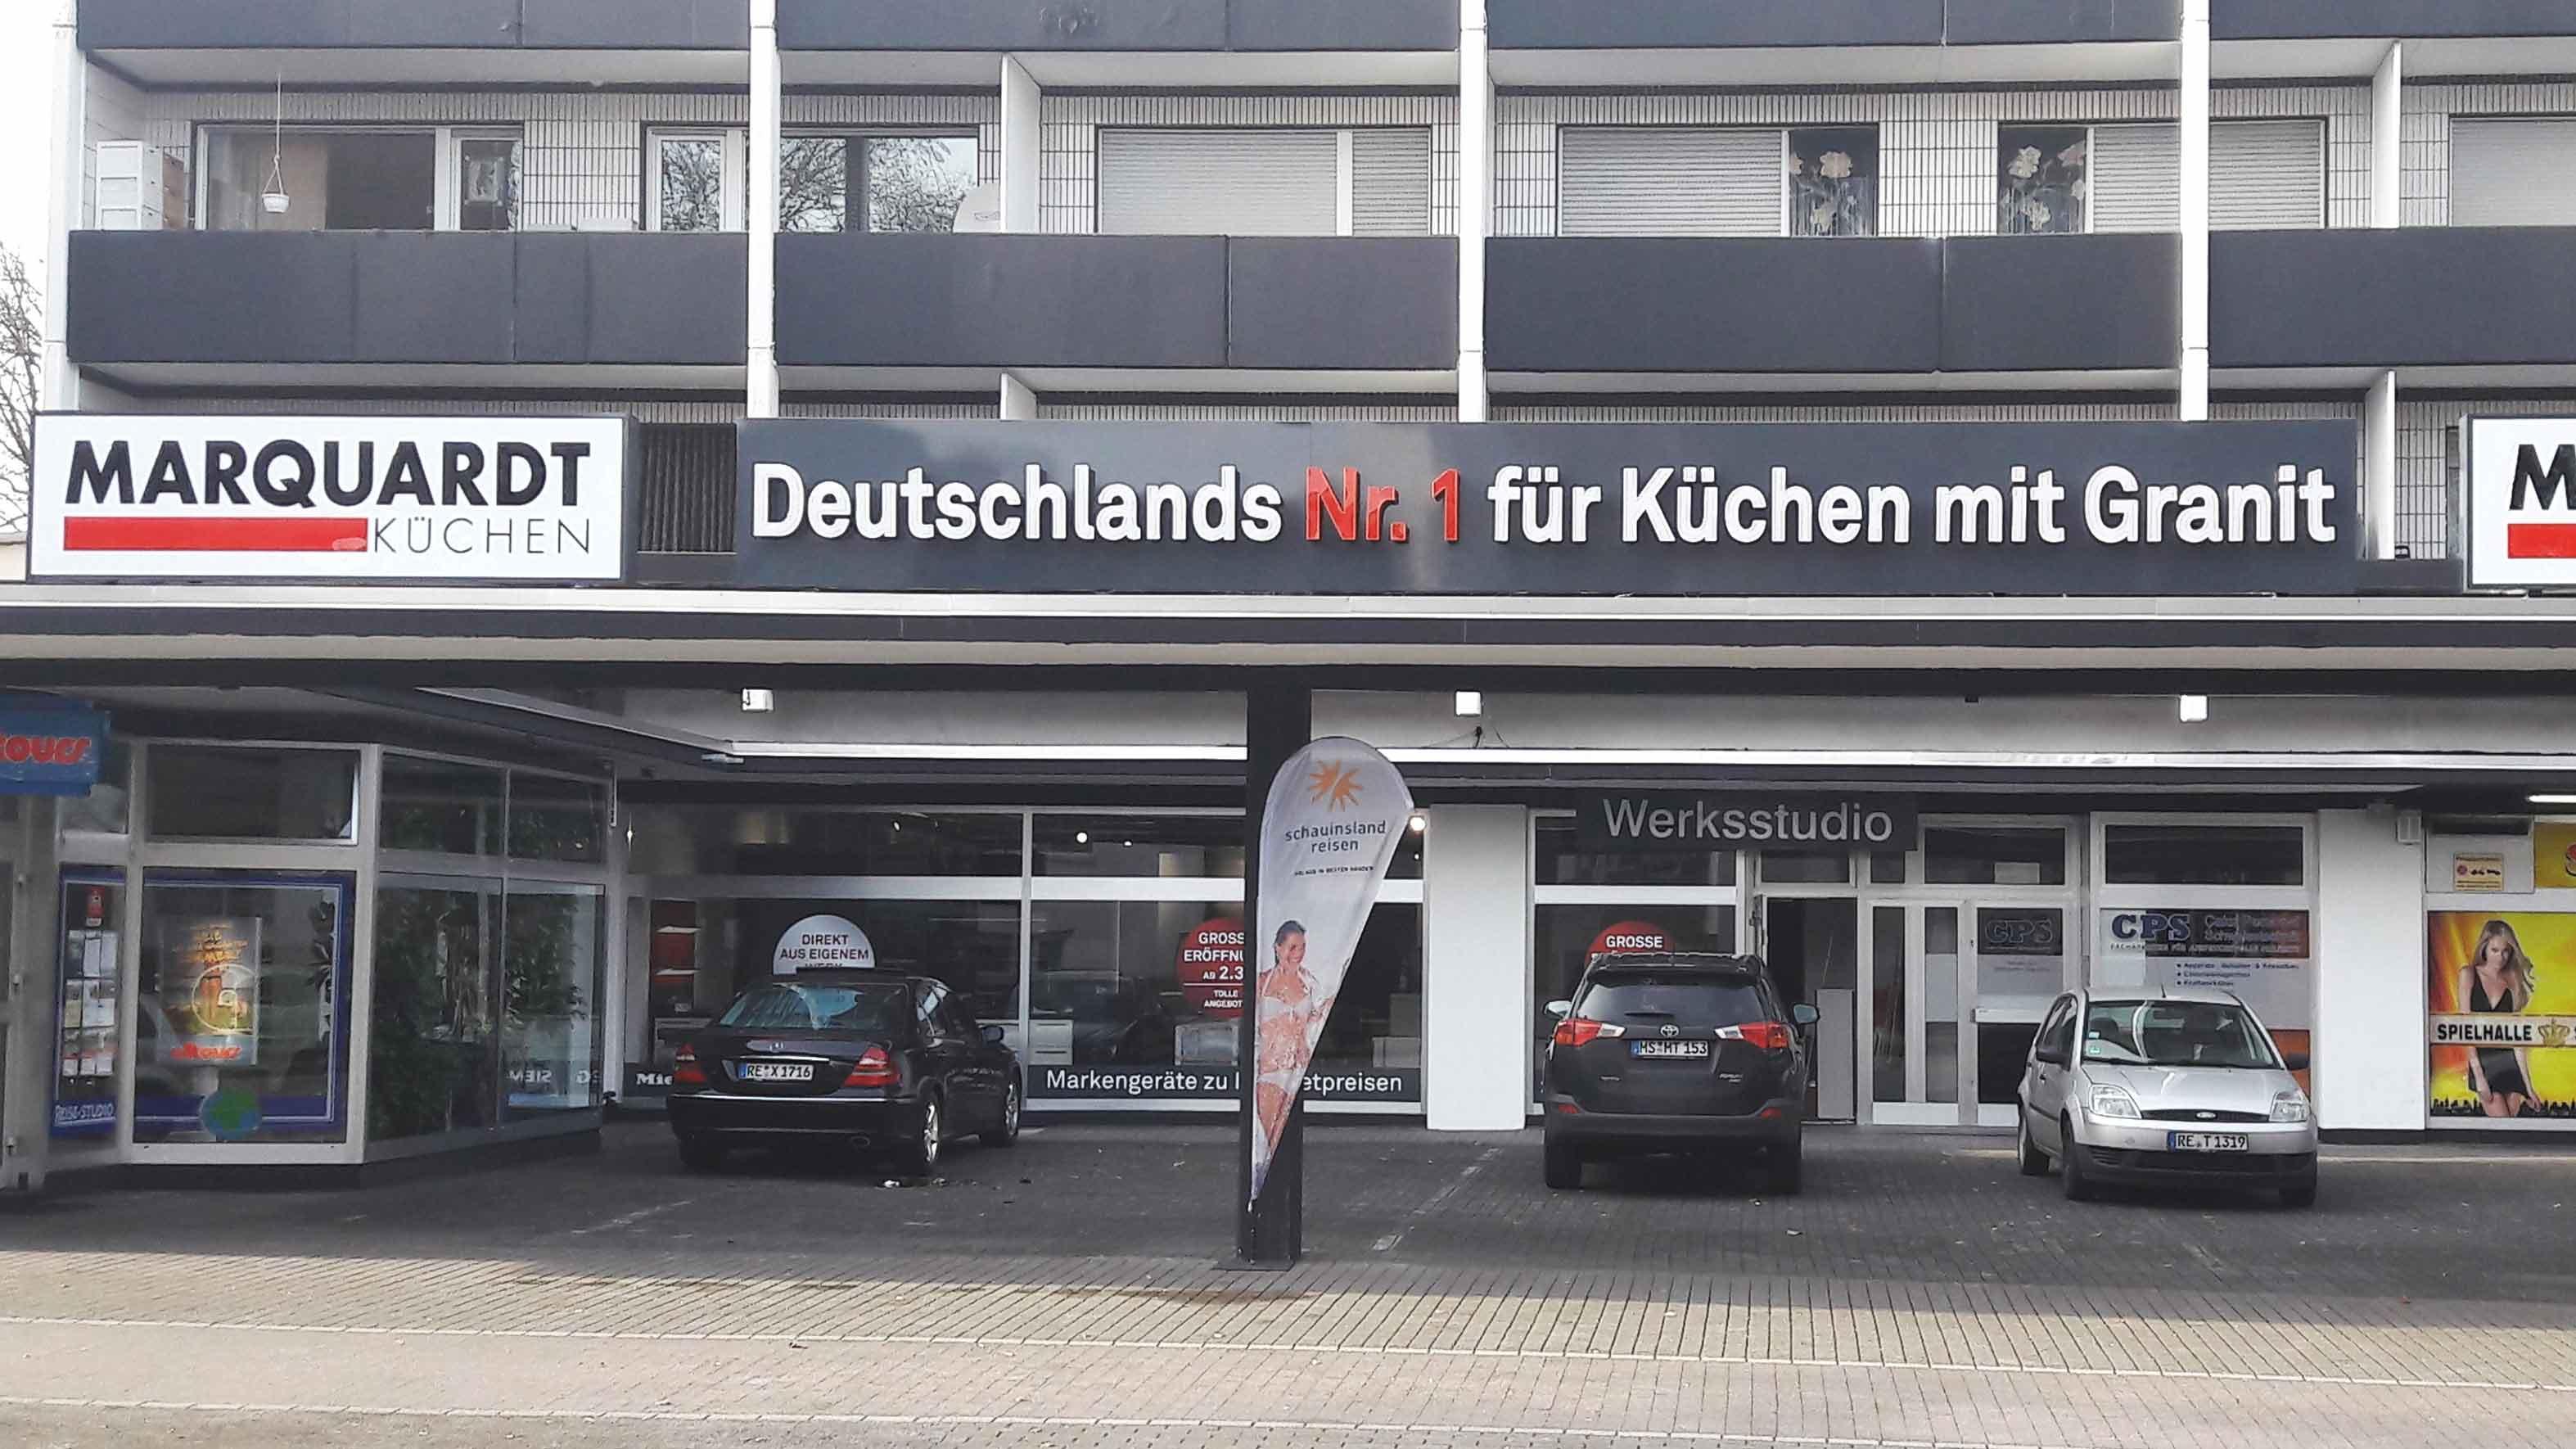 Marquardt Küchen • Marl, Bergstraße 80 - Öffnungszeiten & Angebote